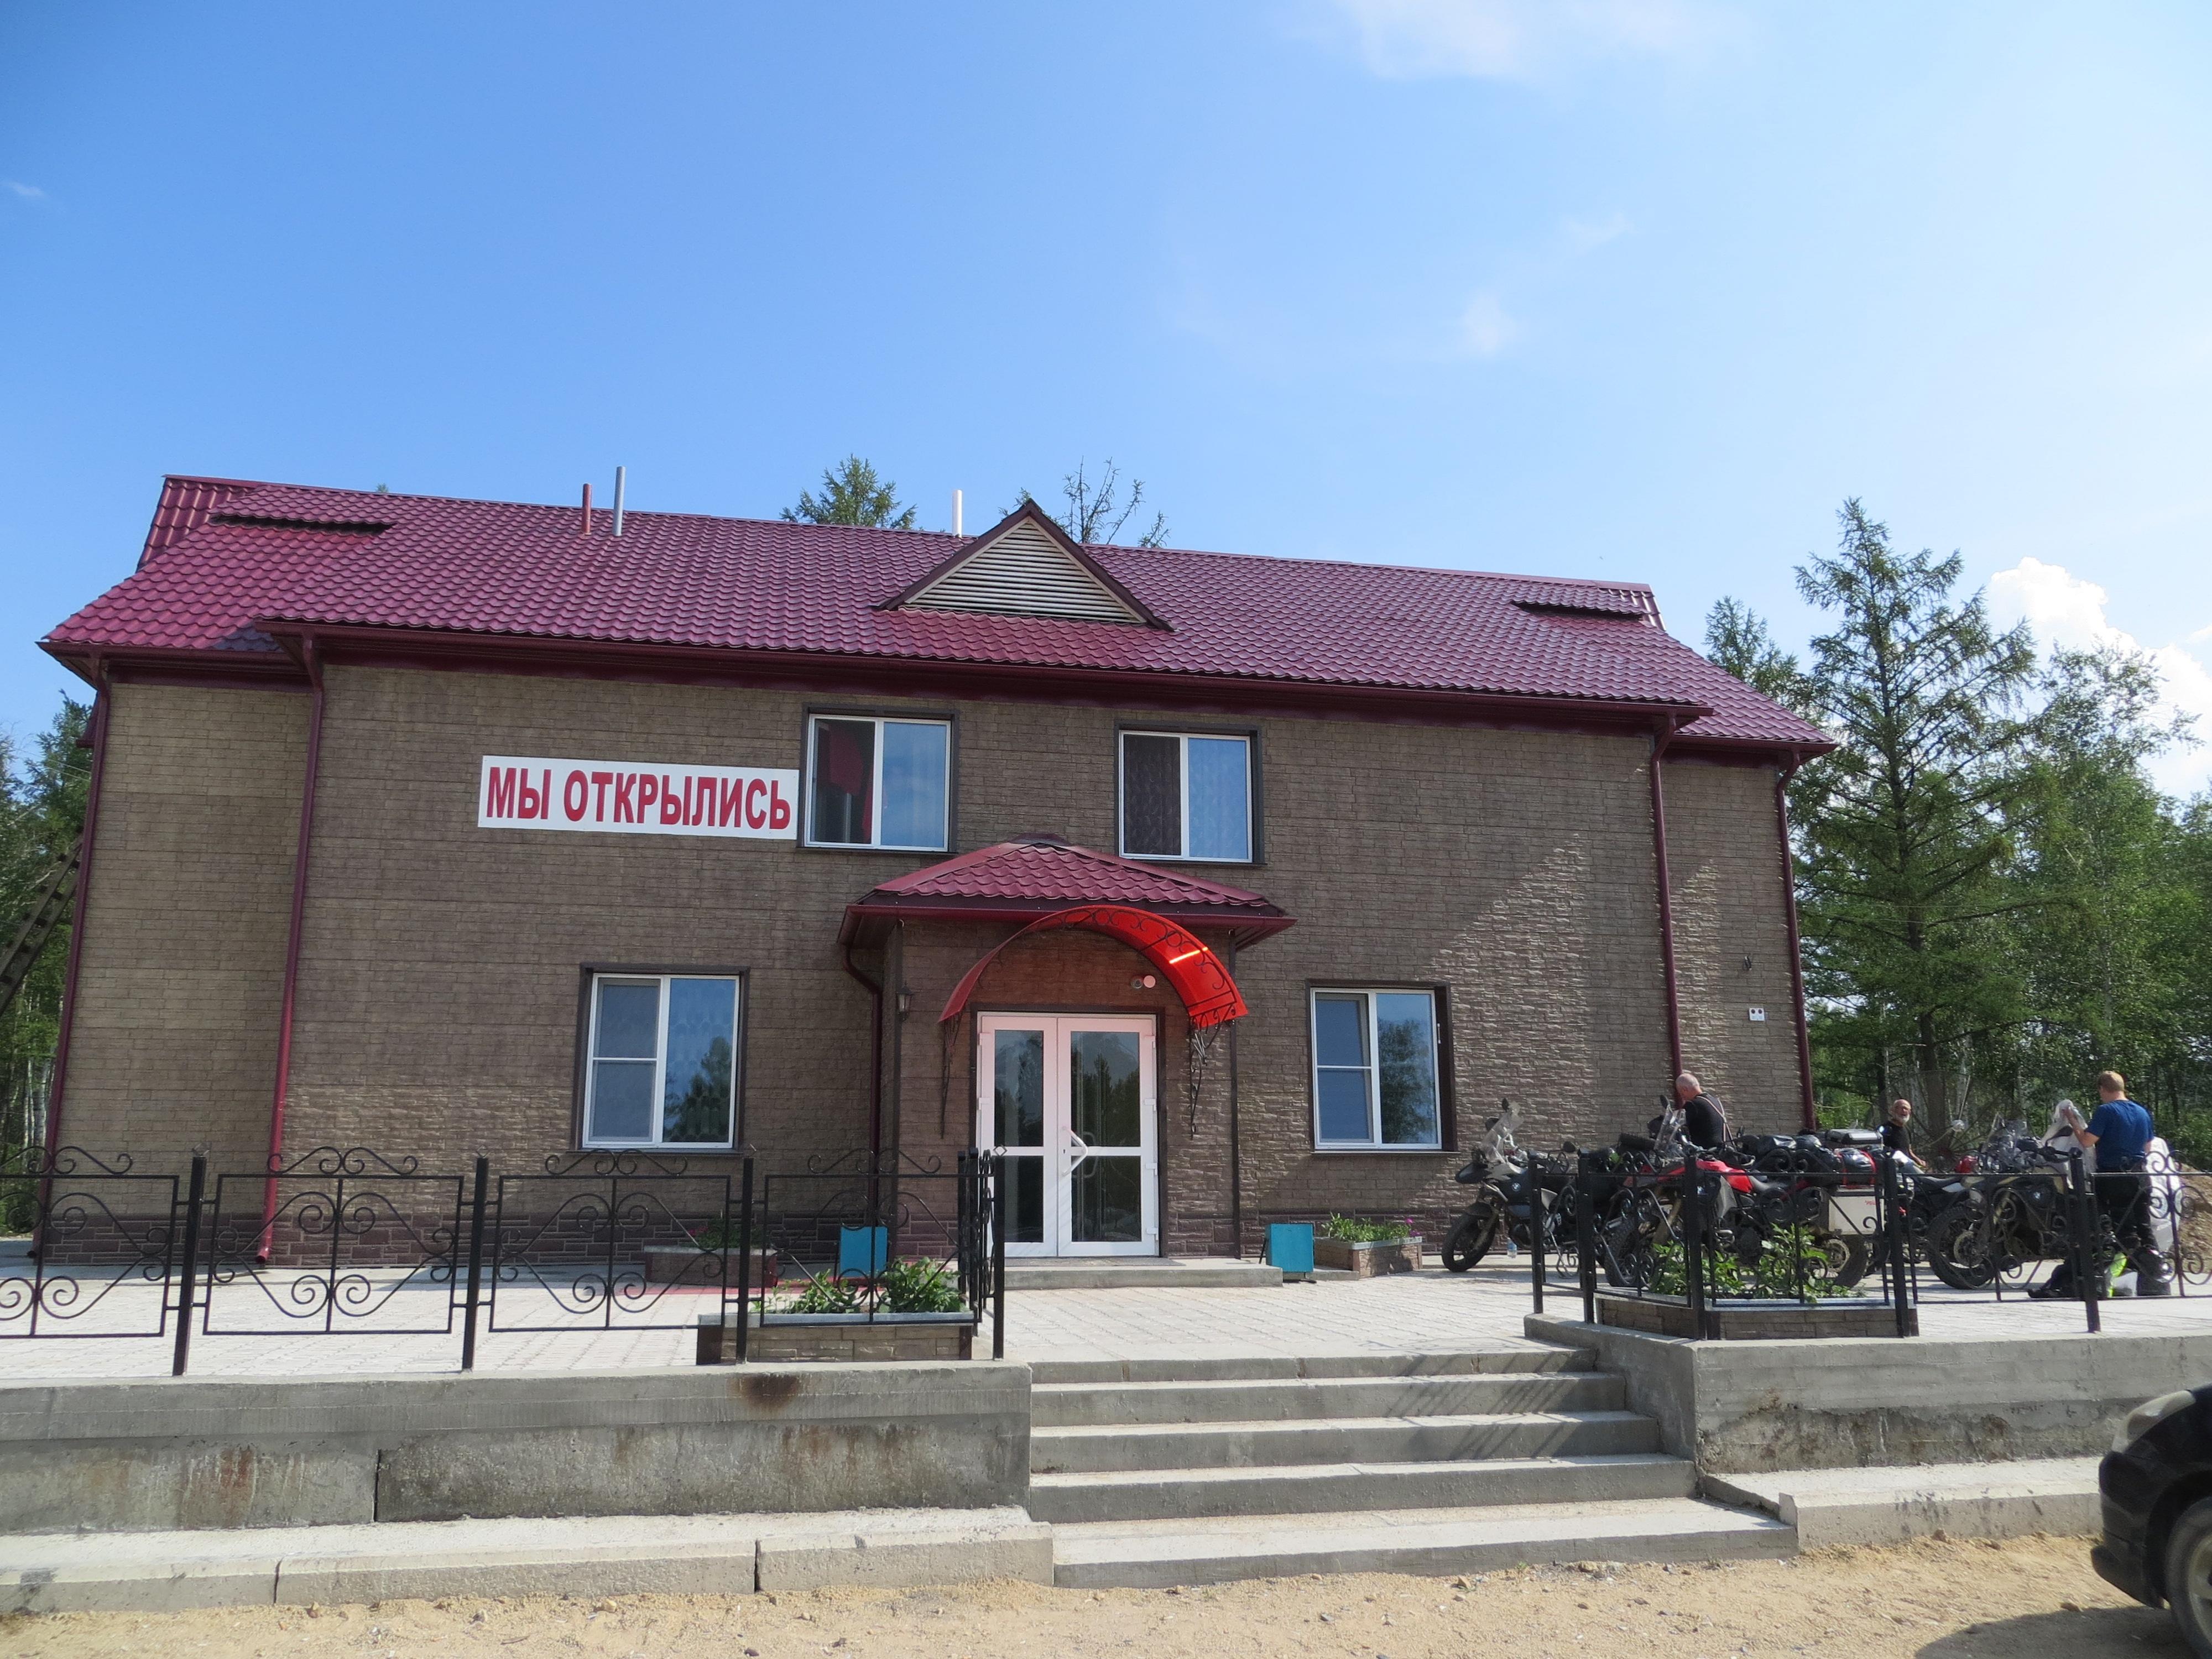 HOTELL I ØDEMARKEN